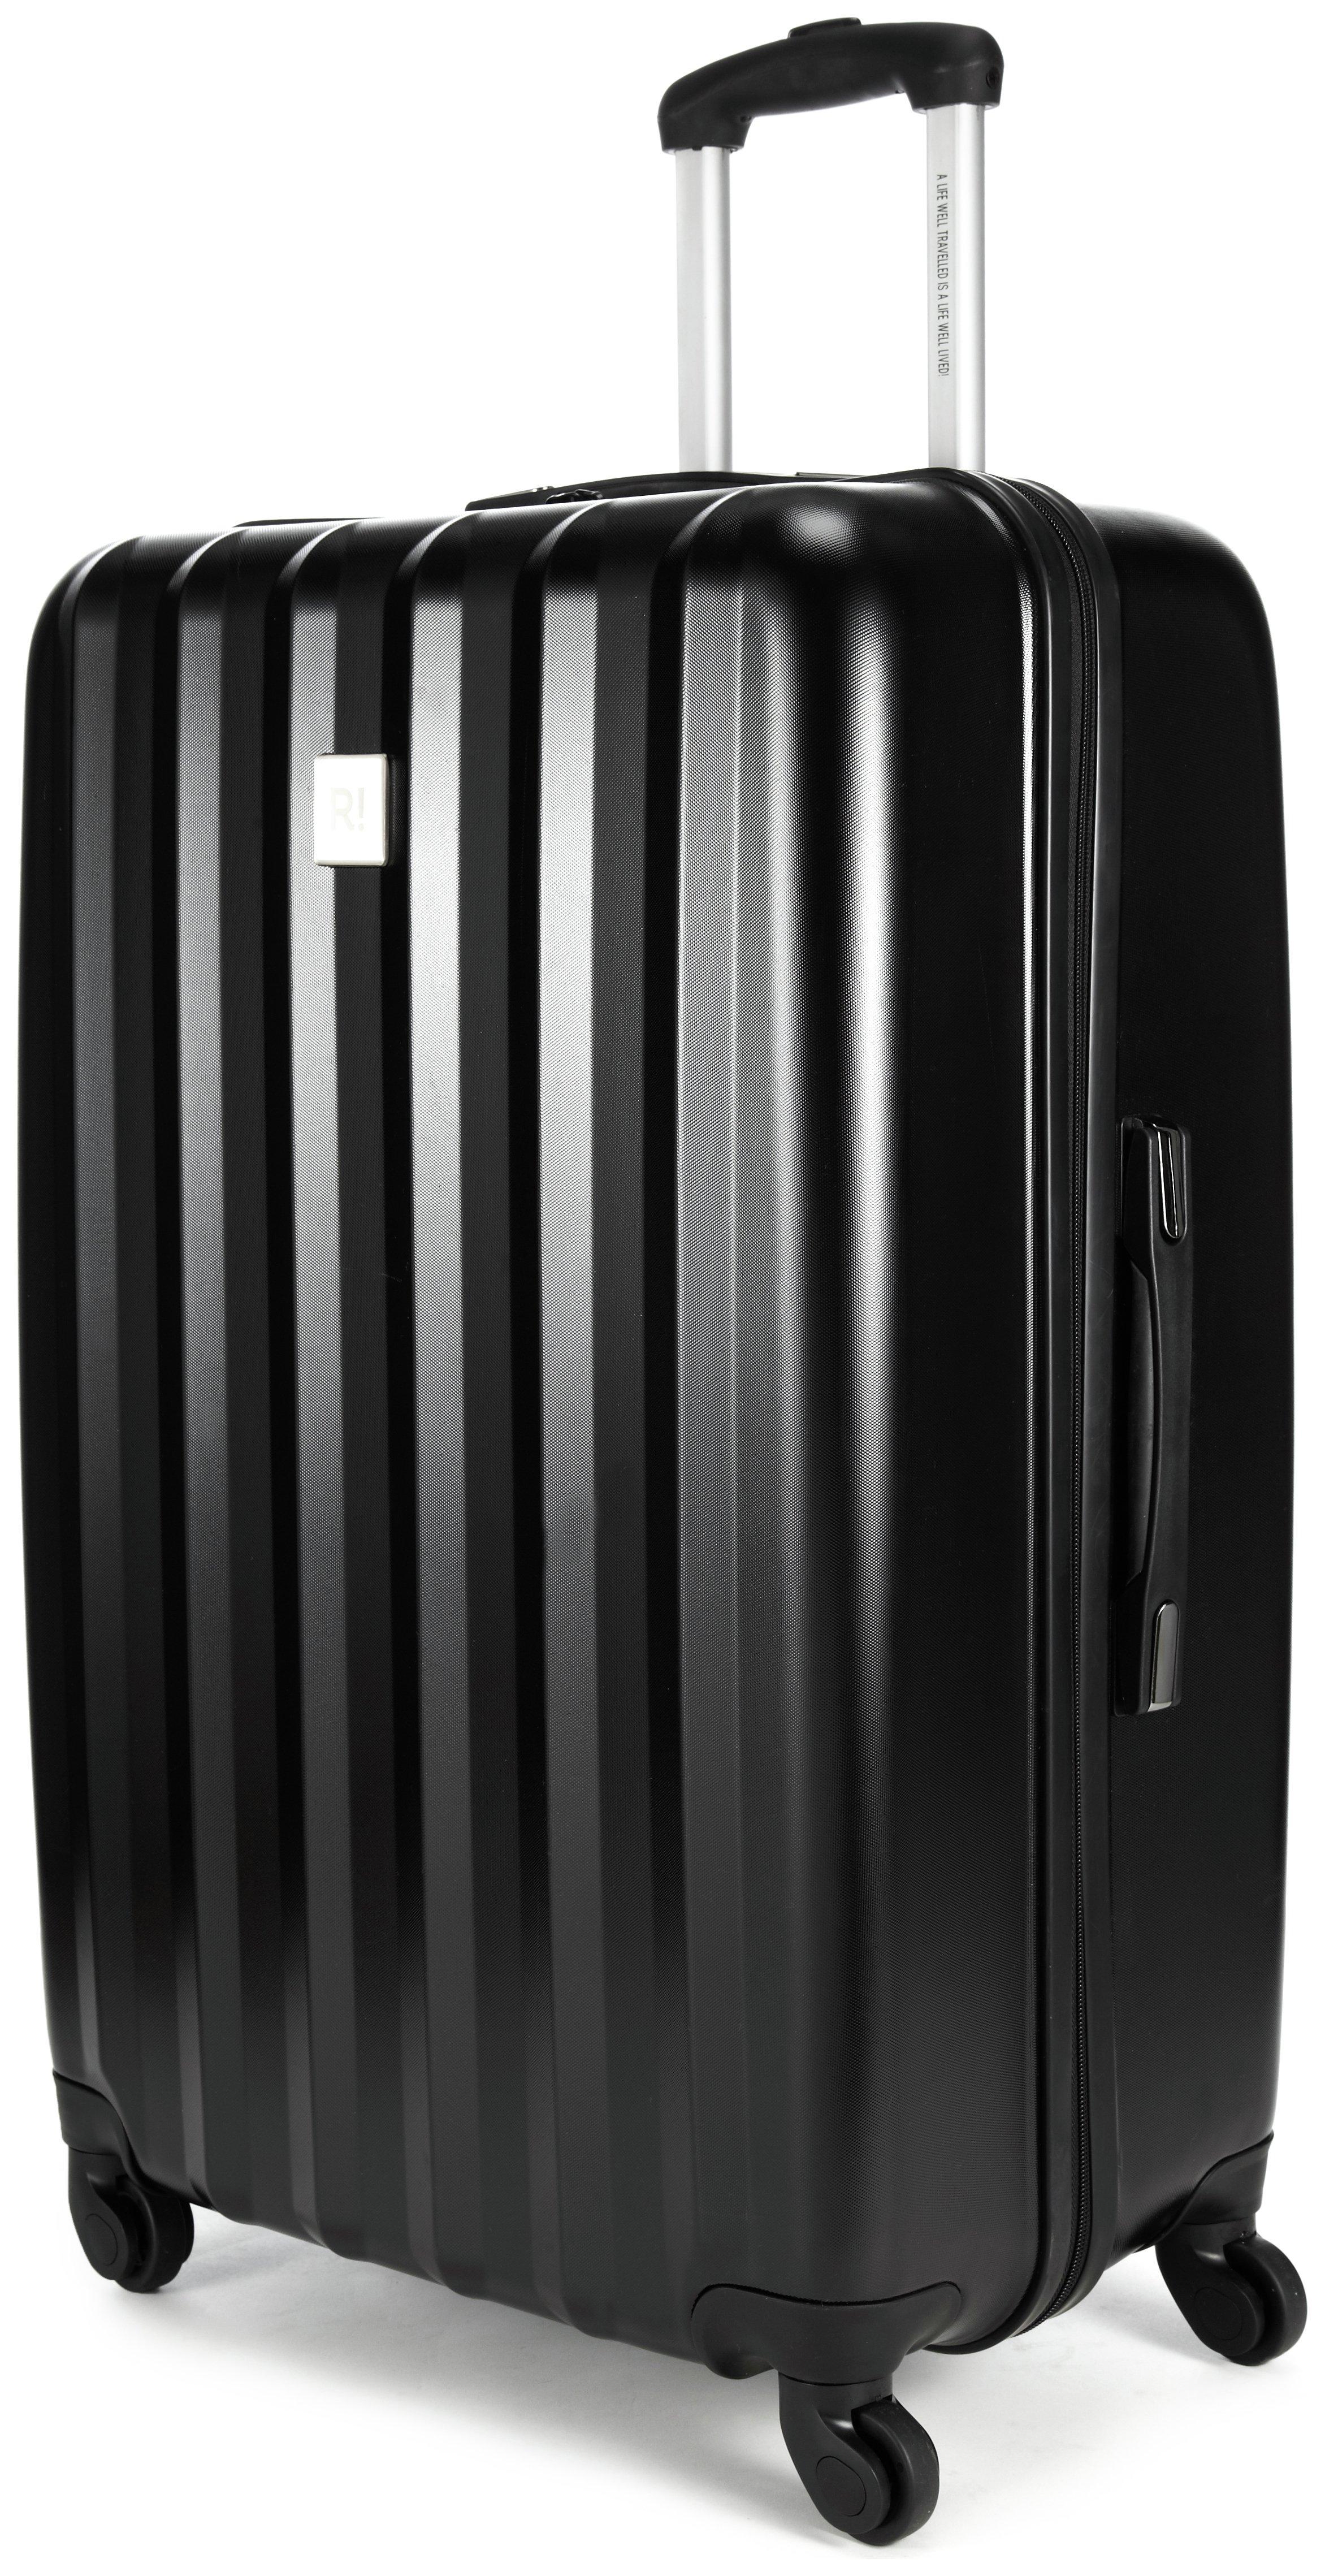 Buy Revelation Jude 4 Wheel Large Suitcase - Black at Argos.co.uk ...